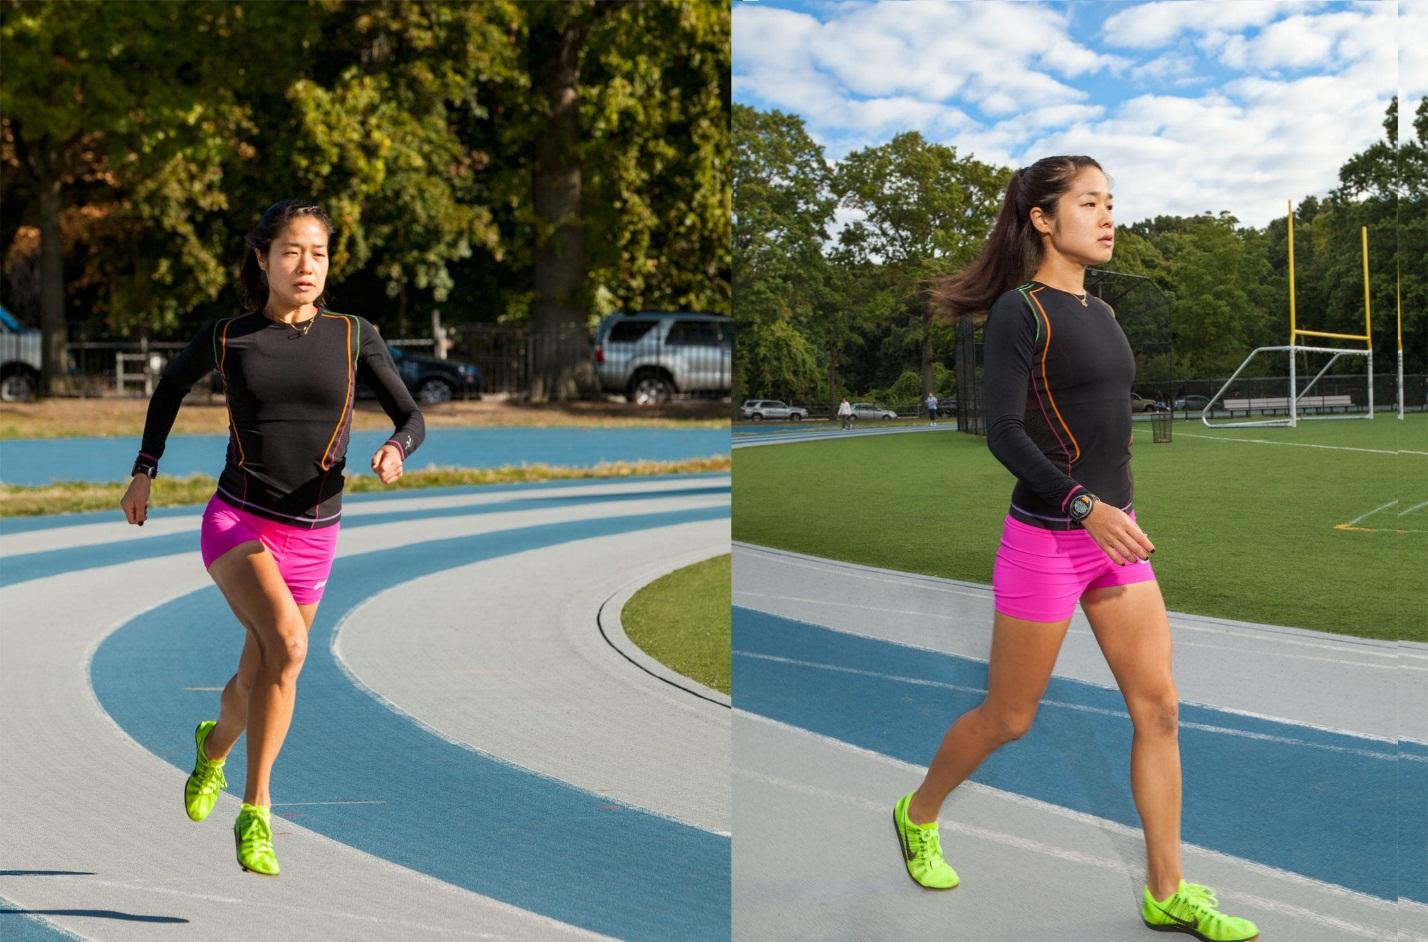 Начал Ходить И Похудел. Ходьба для эффективного похудения: основные правила